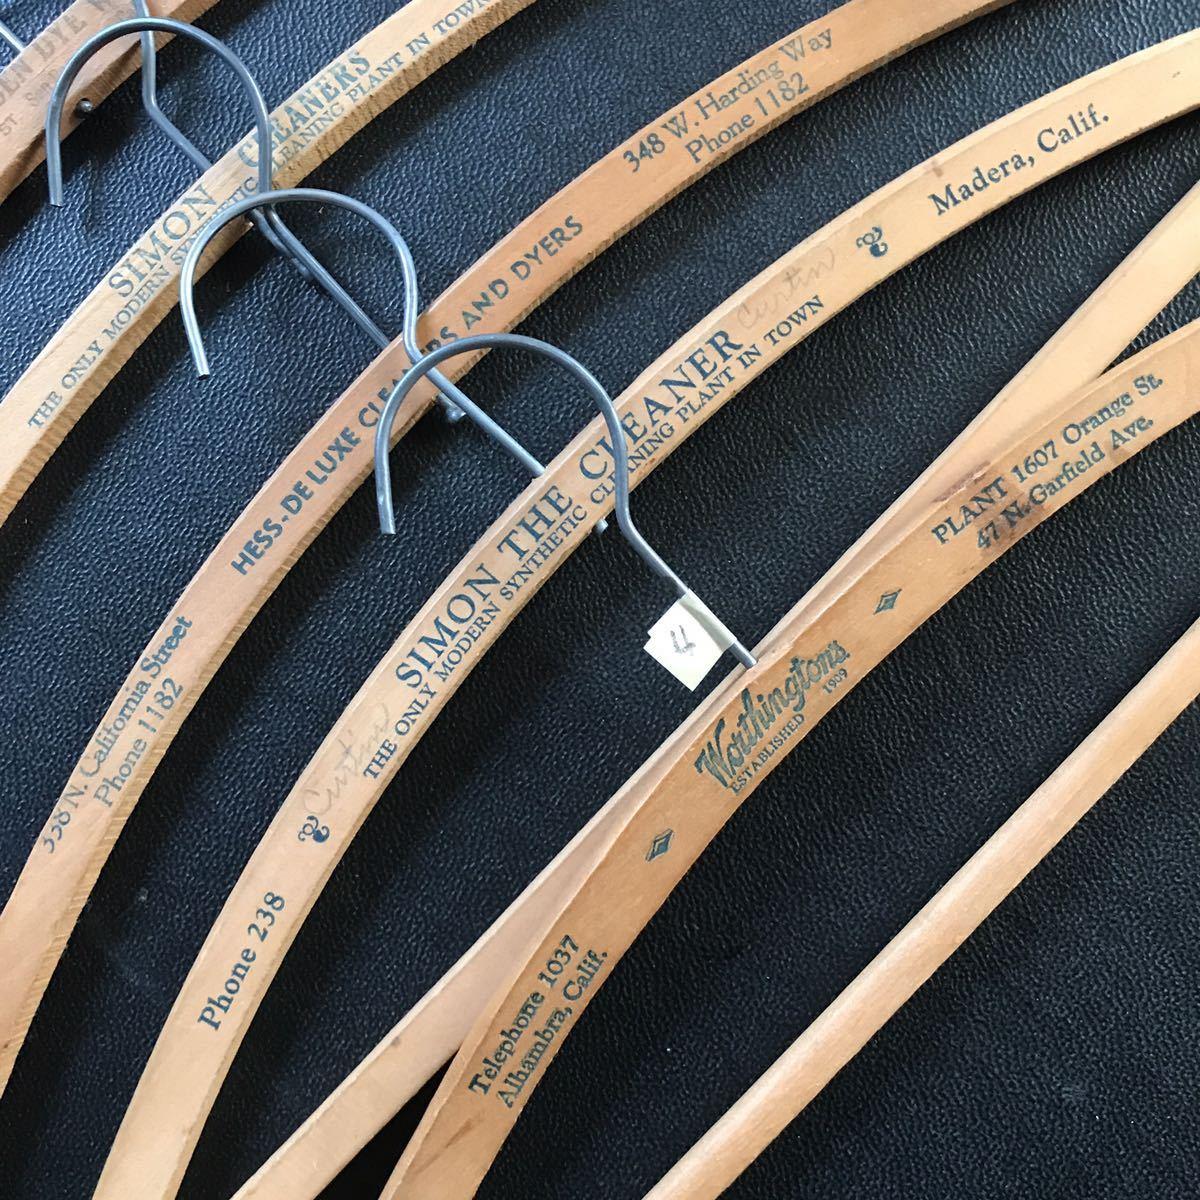 ハンガー セット アメリカ ビンテージ 古着 アンティーク USA 店舗什器 まとめて ジャンク 40s 50s 60s ウッド 木製 家具 4_画像3